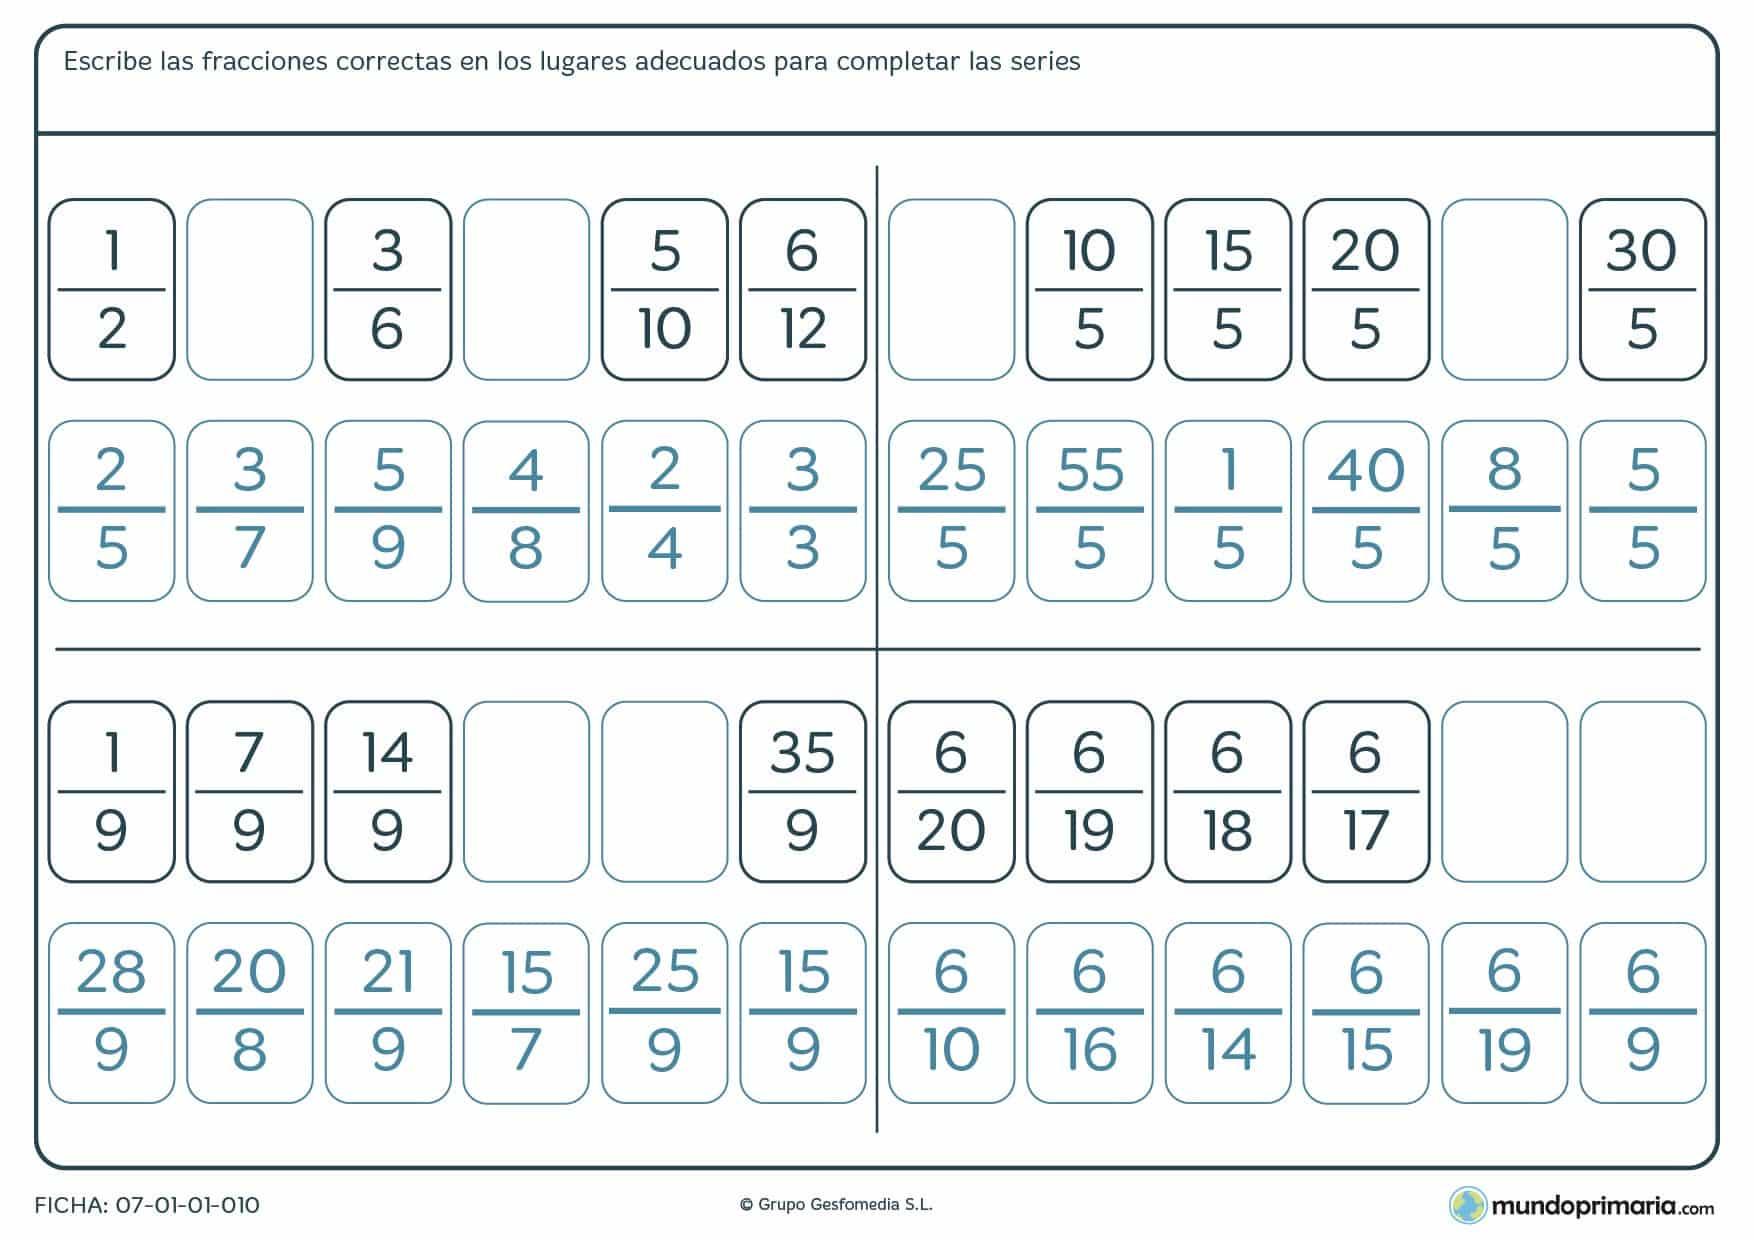 Ficha de series lógicas de fracciones para completar los espacios vacíos con las fracciones que crean.